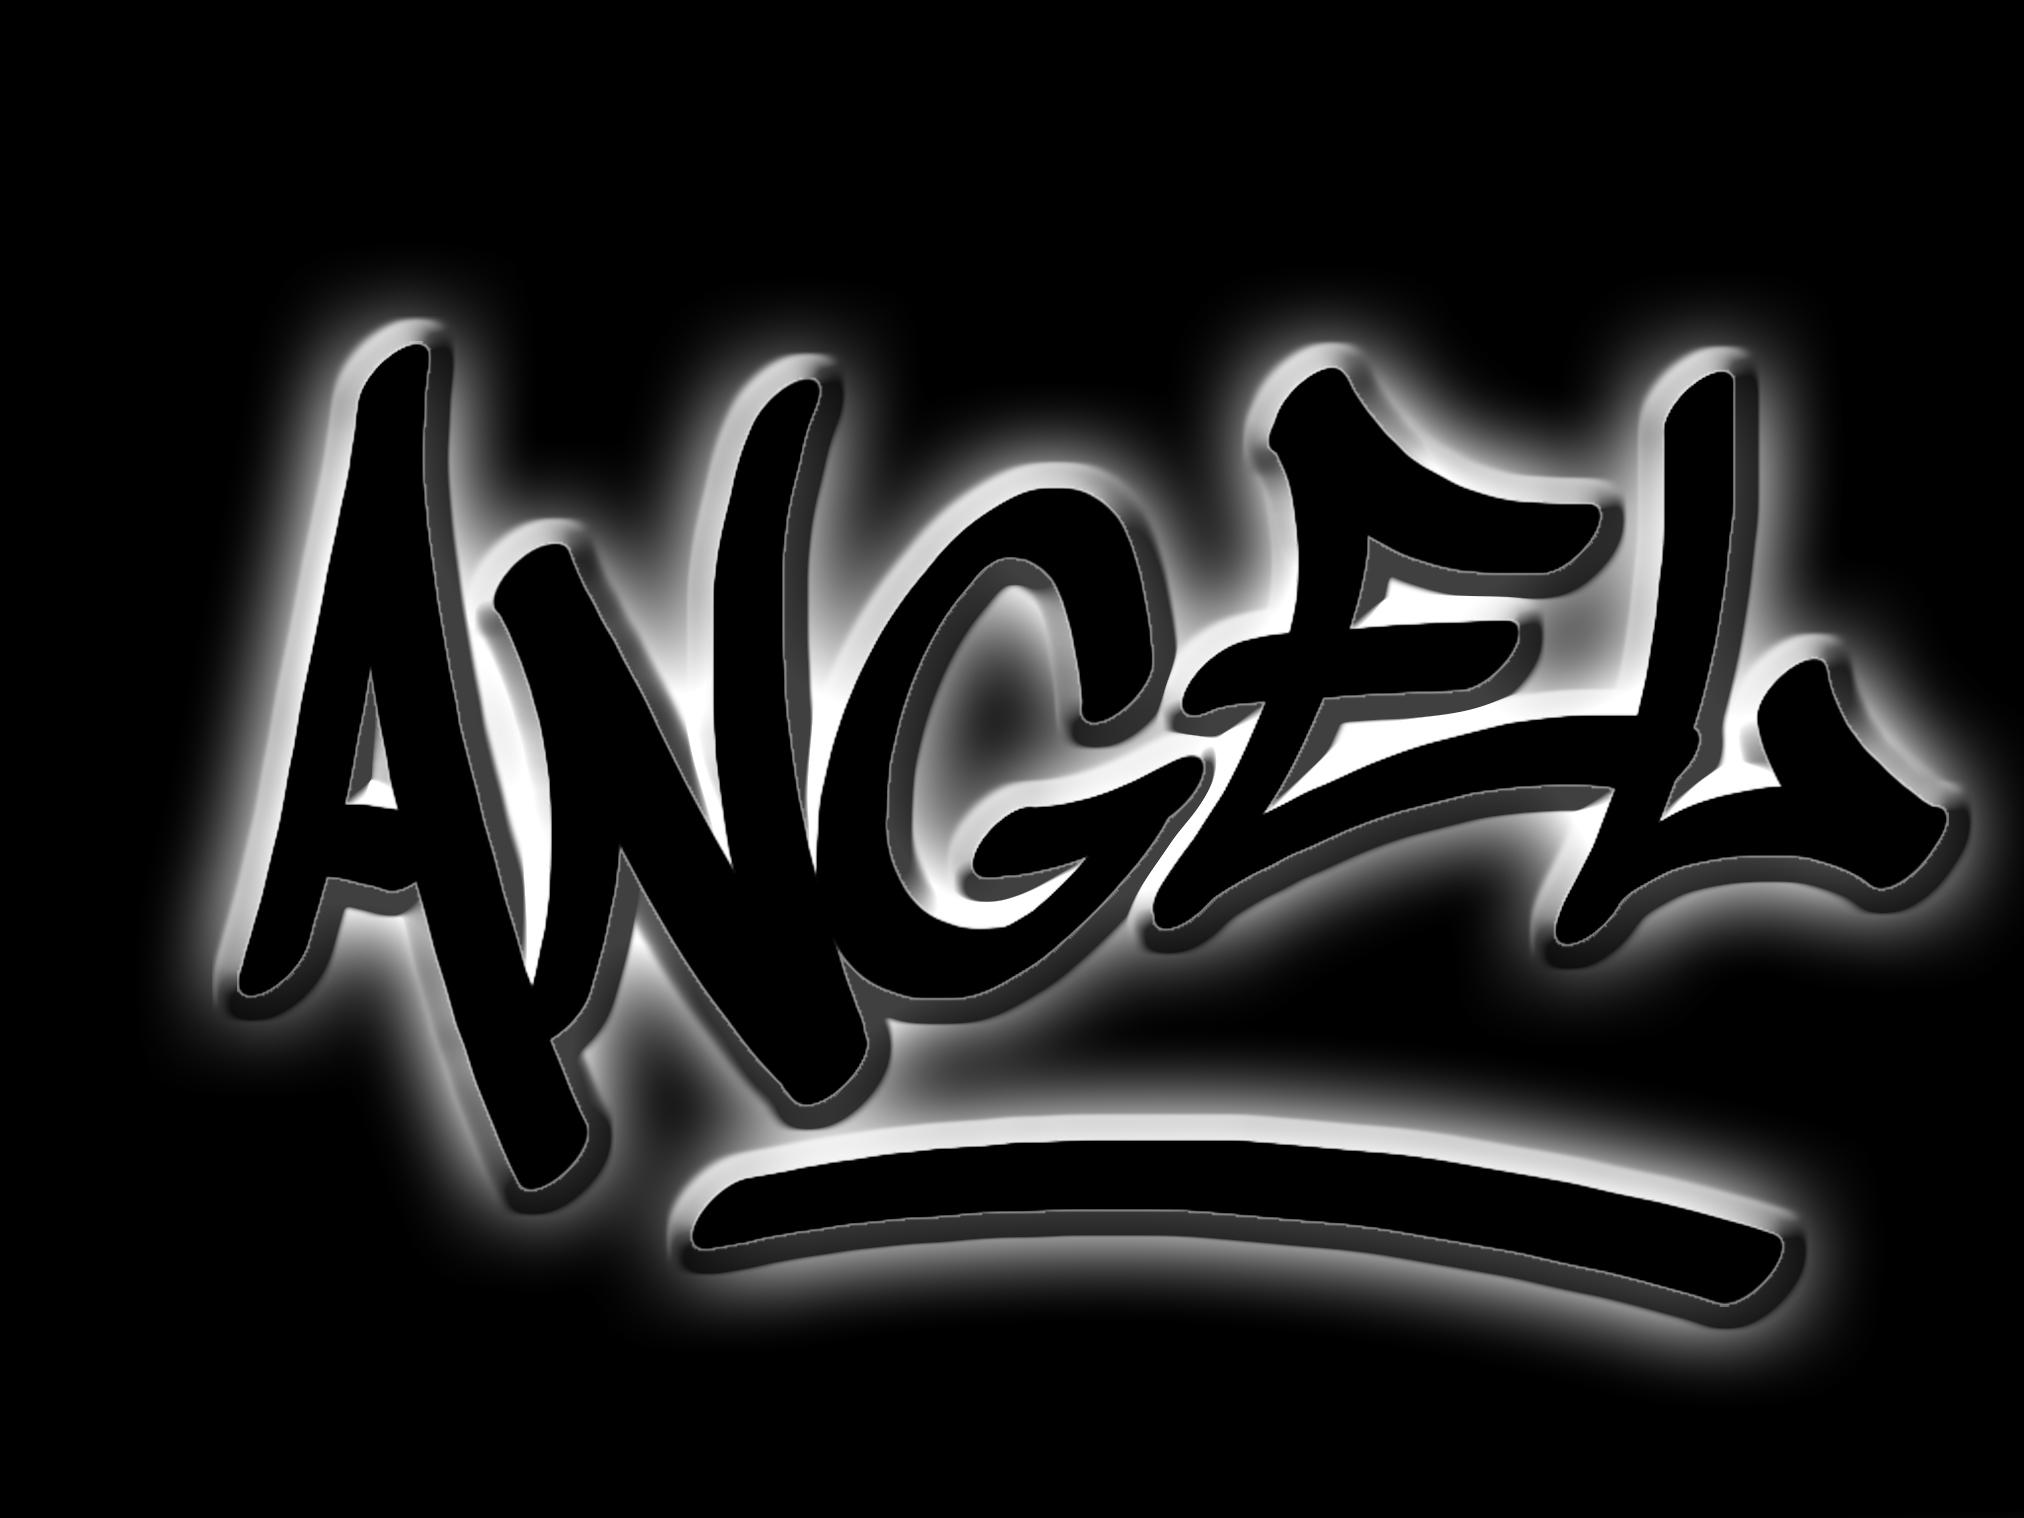 3d text, 3d, Angel, Black, Letters, HQ Photo